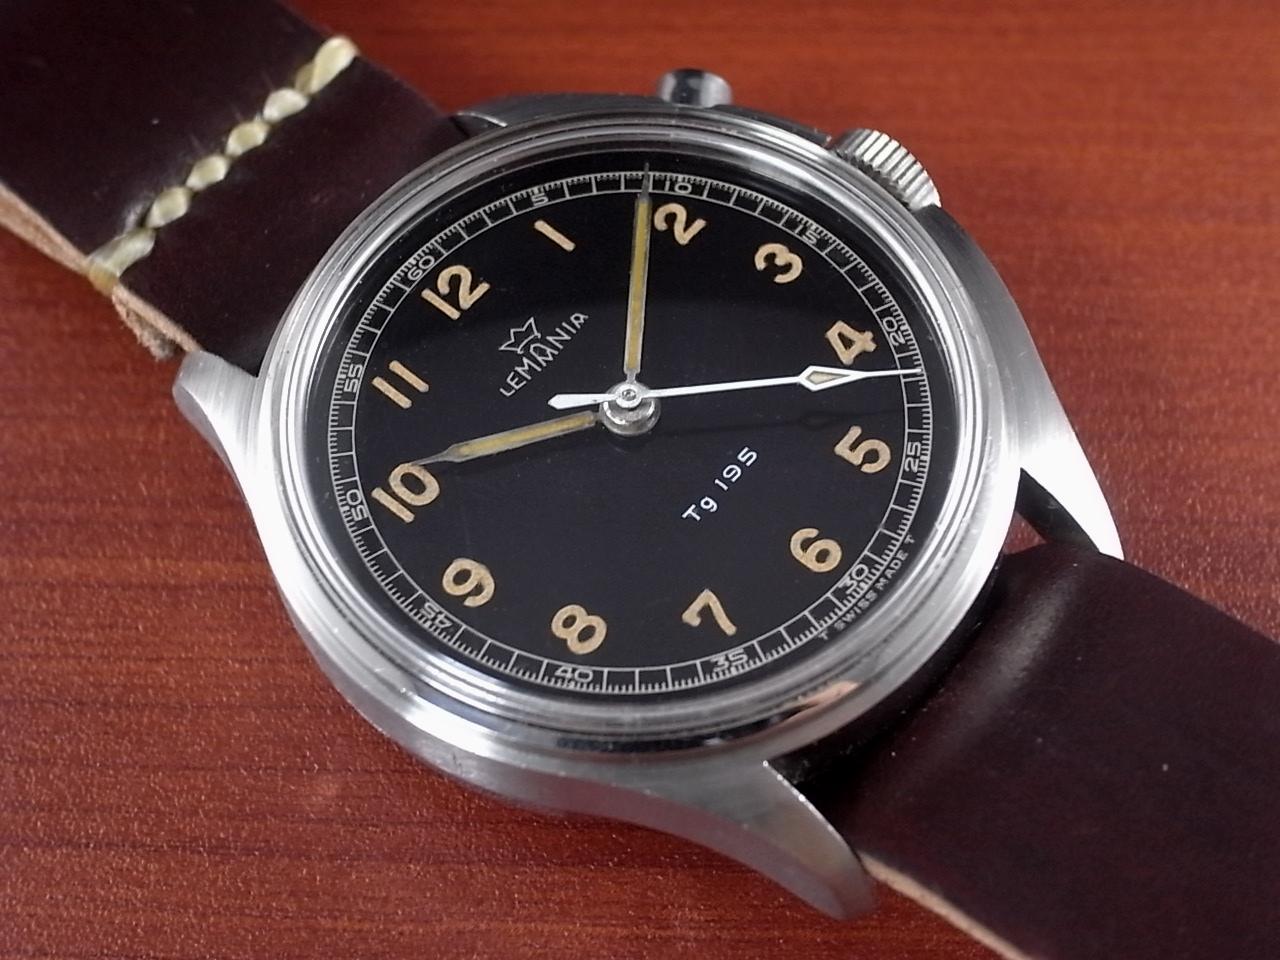 レマニア 軍用時計 スウェーデン軍 Tg195 ラージスリークラウンズ 1950年代のメイン写真